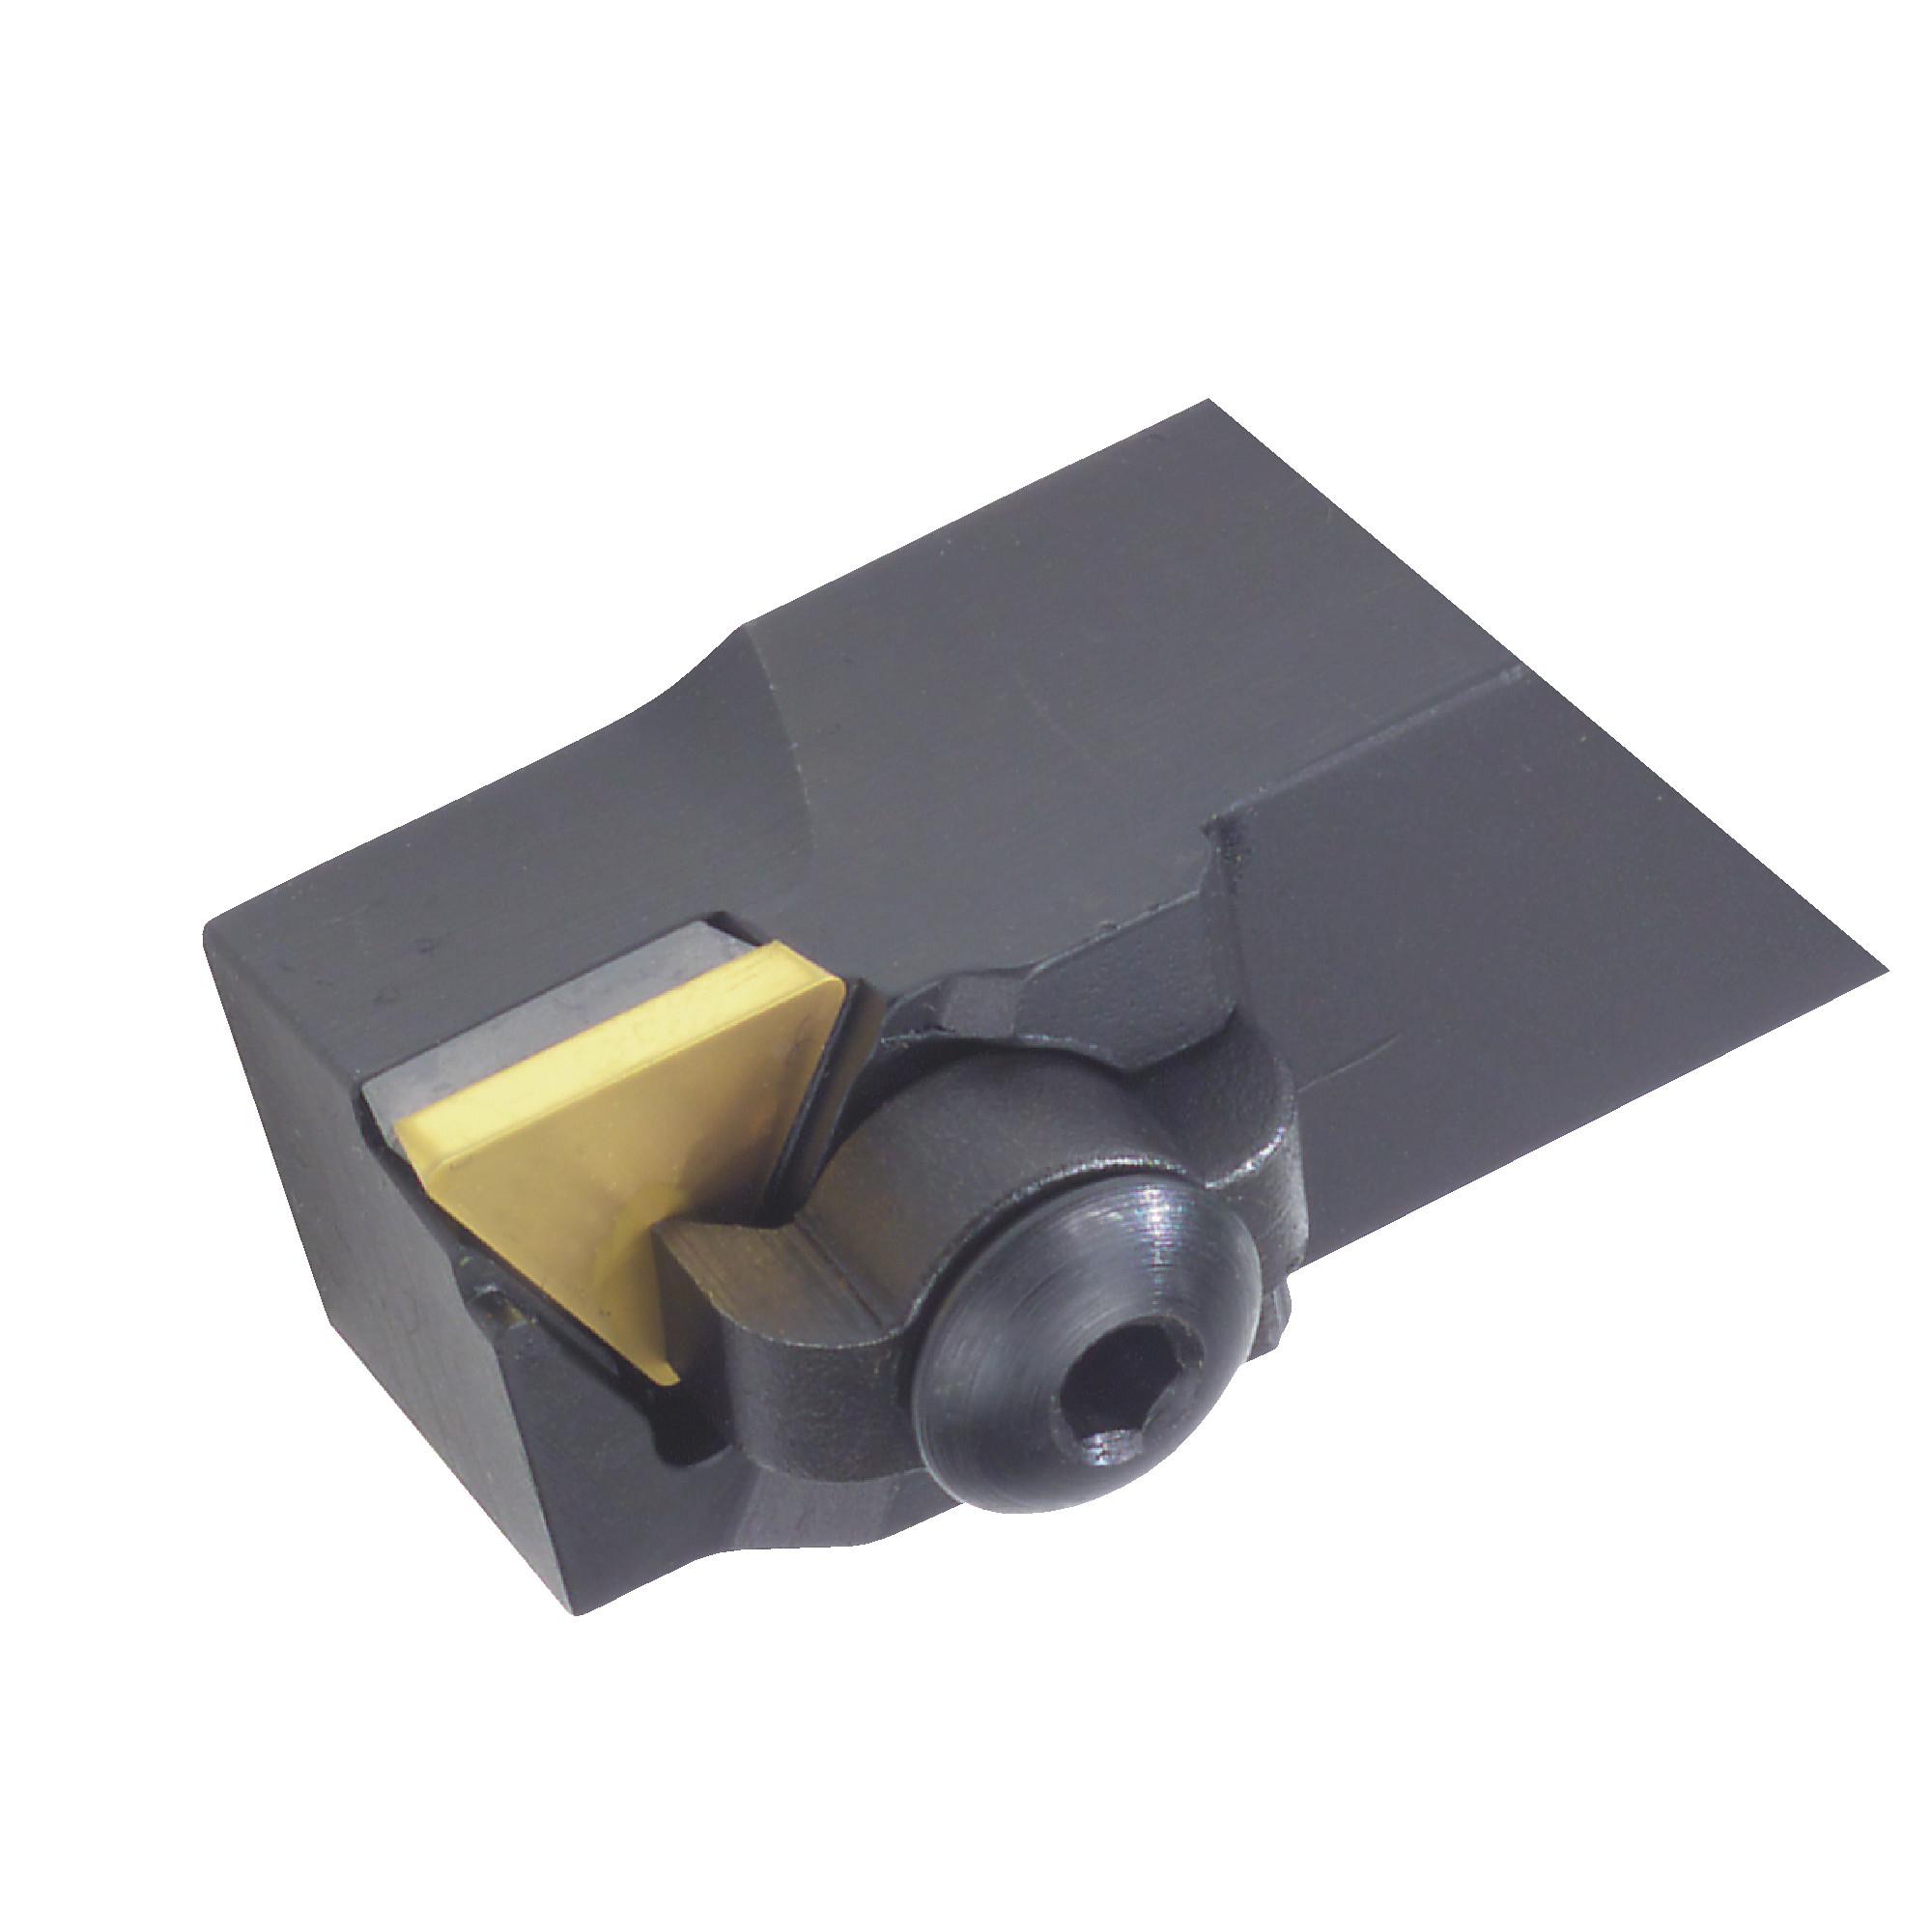 """DORIAN - CTAPL08-2J / 0.500"""" Tool Holder for TPG22_  Inserts / Left Hand"""